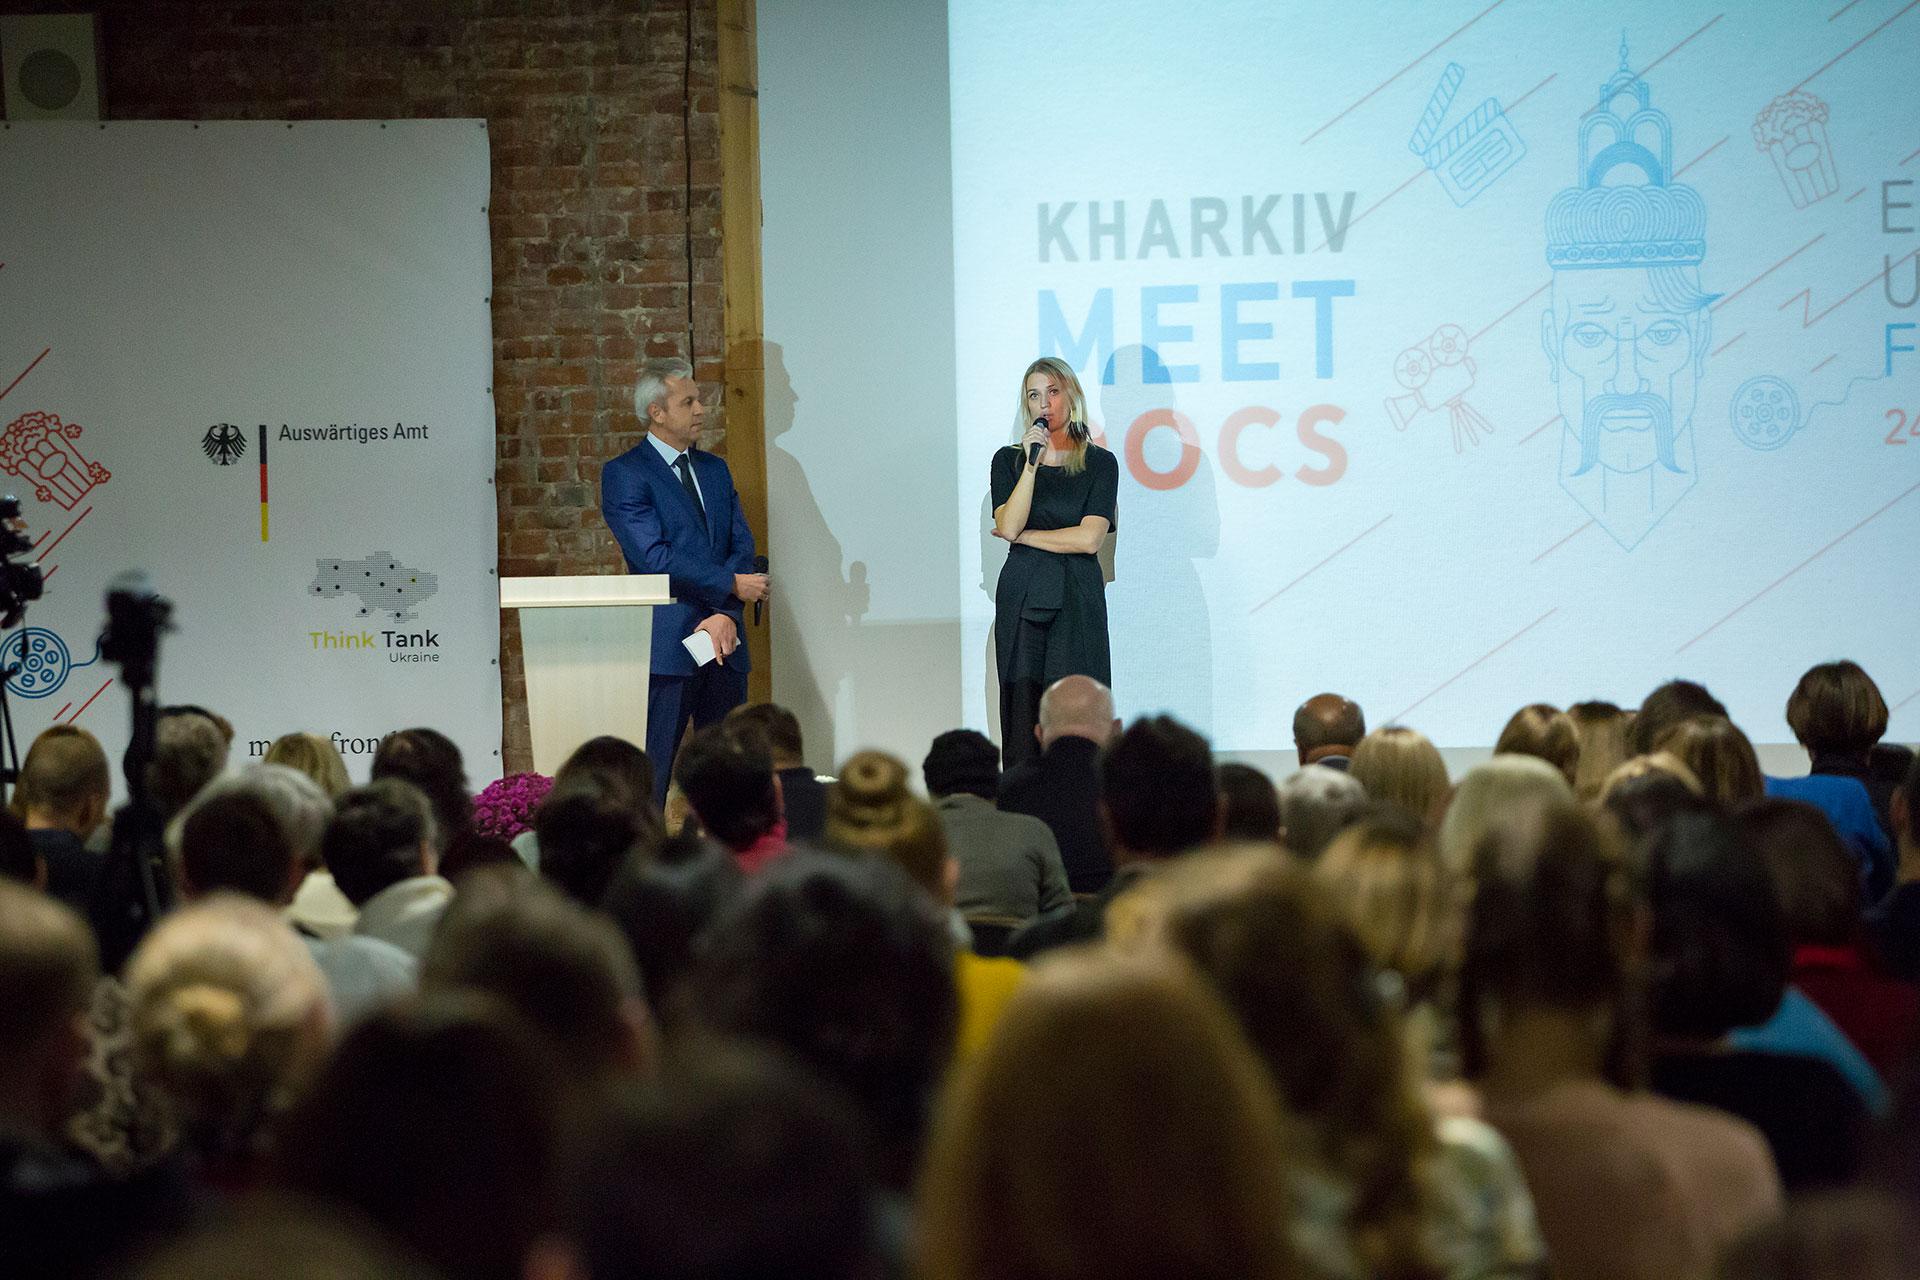 Kharkiv Meet Docs